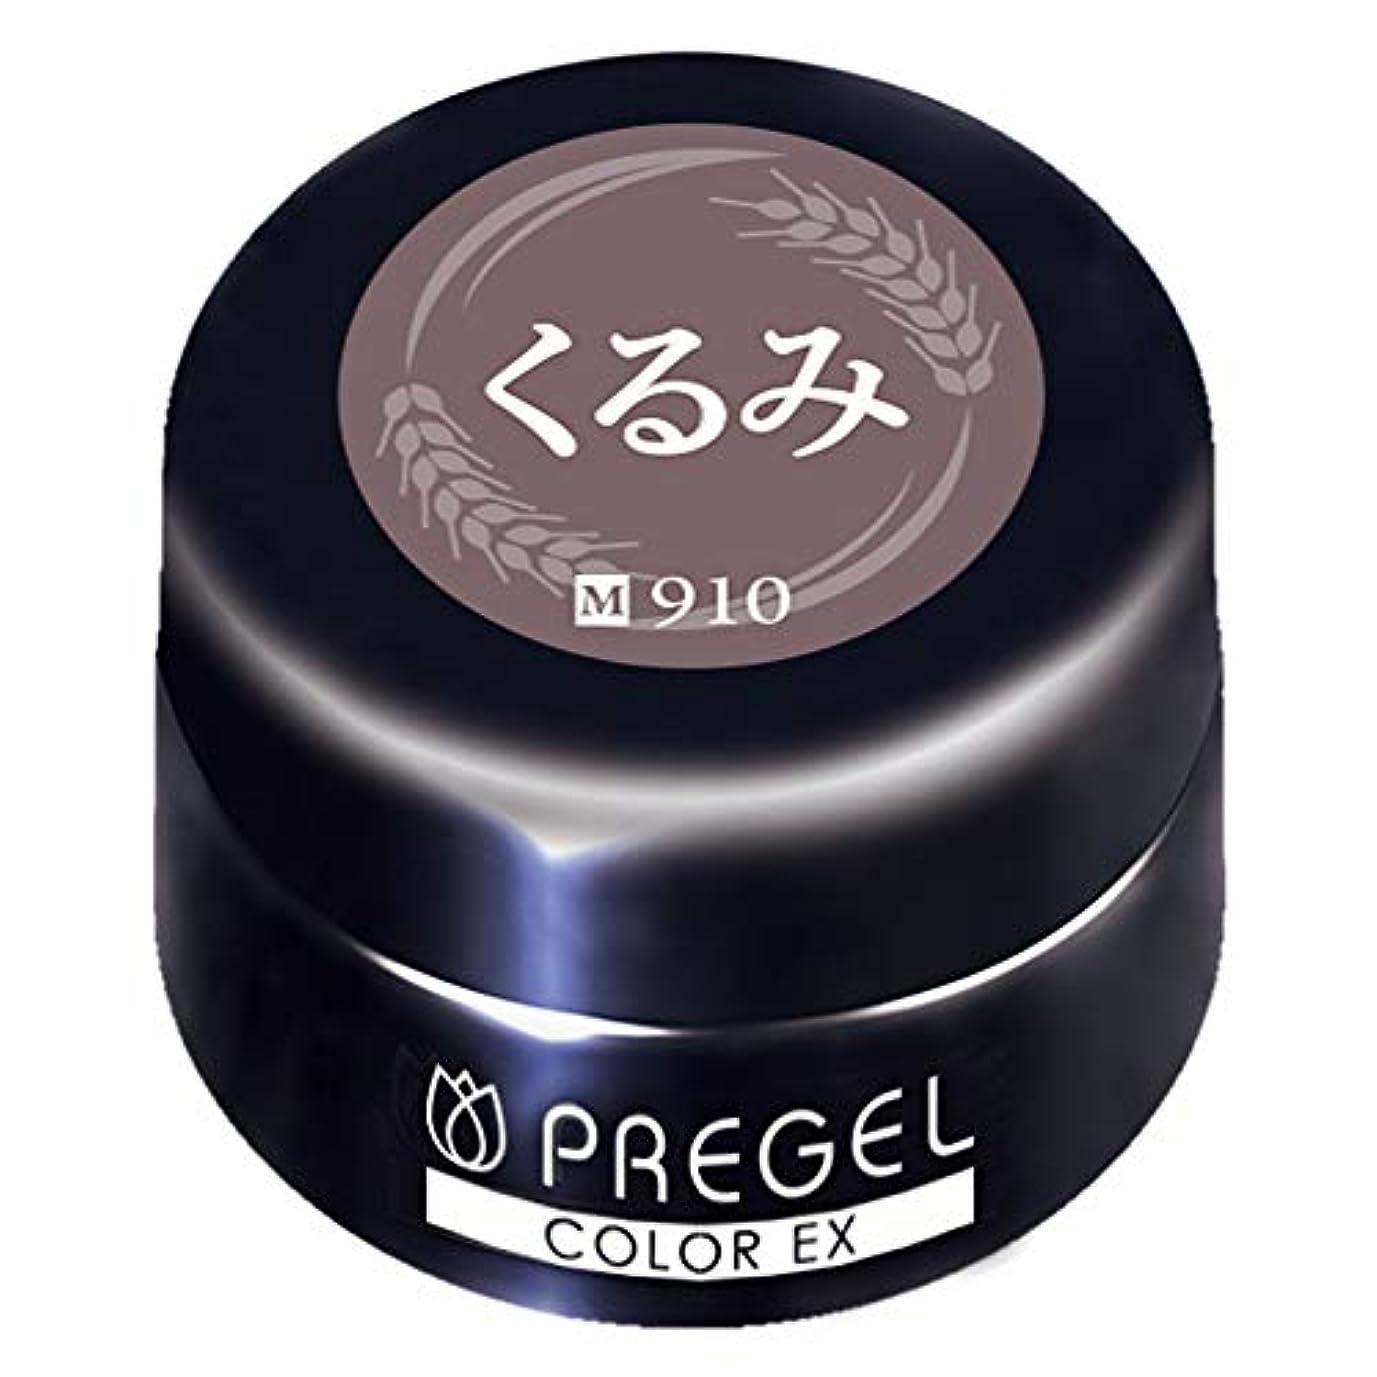 繰り返し賞申請者PRE GEL(プリジェル) カラーEX くるみ 3g PG-CE910 UV/LED対応